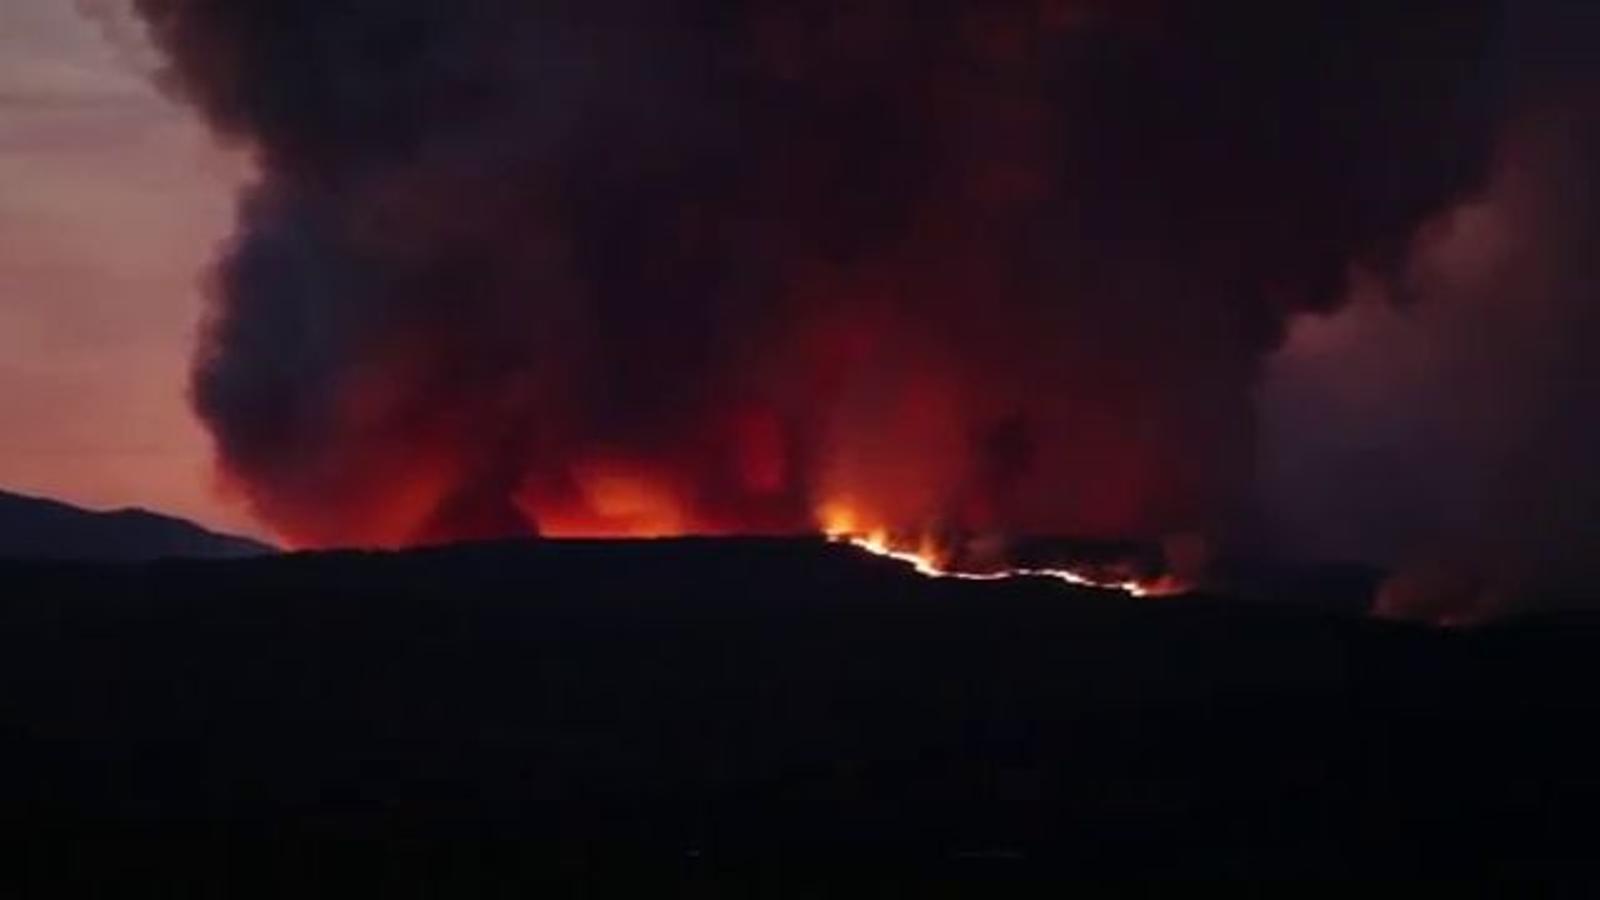 Un vídeo de l'extensió de l'incendi de la Jonquera, a l'Alt Empordà / @eli_blanch